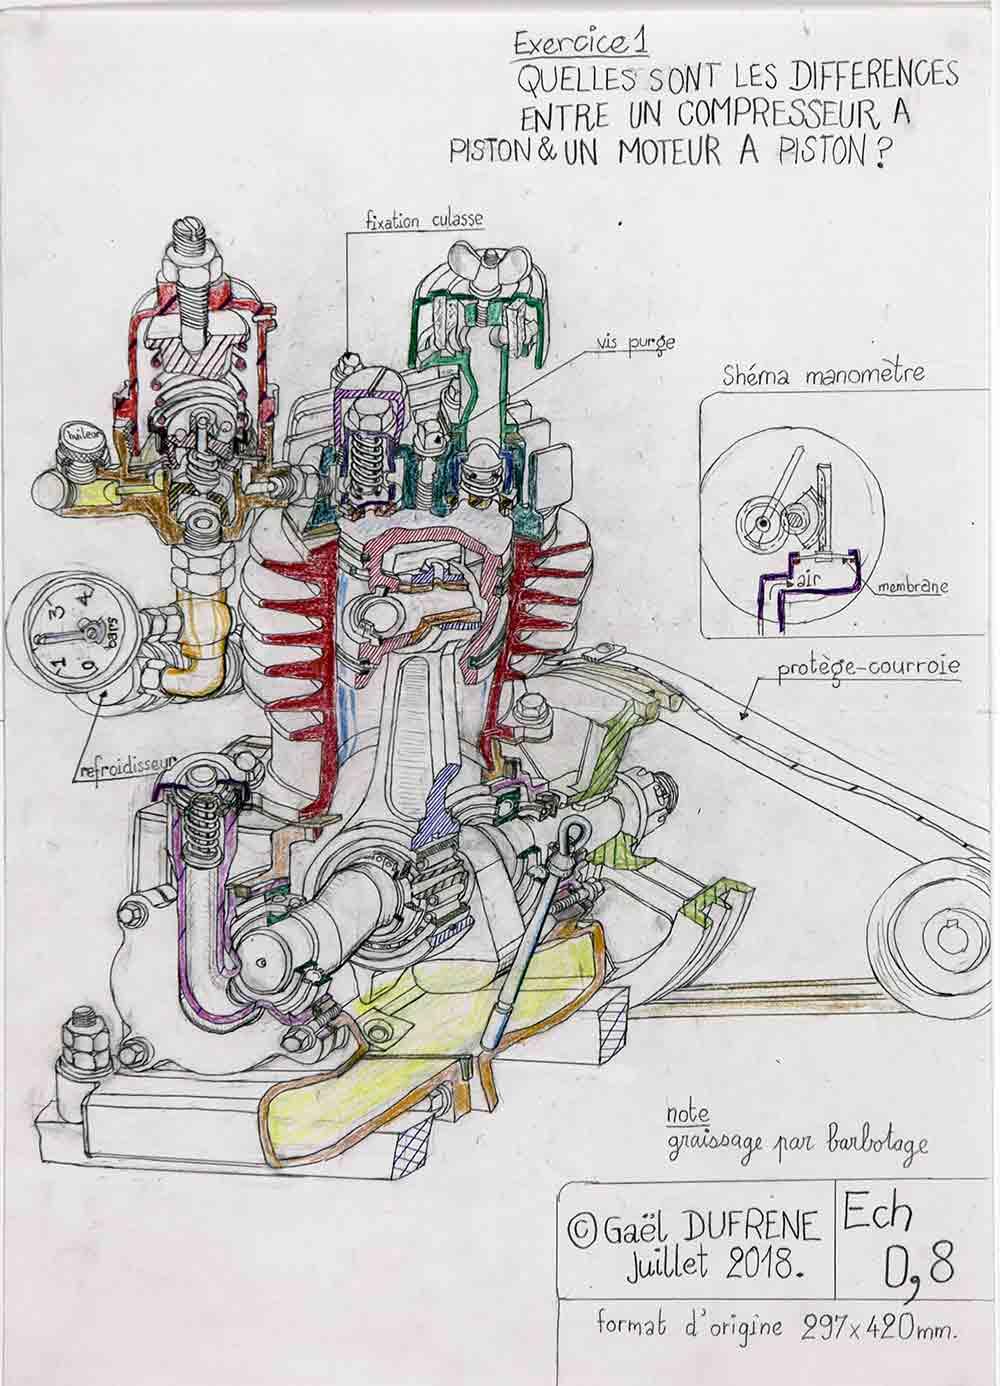 Gaël Dufrene. Compresseur ou moteur à piston, 2011. Crayon sur papier, 42x29cm. FASE_EGART